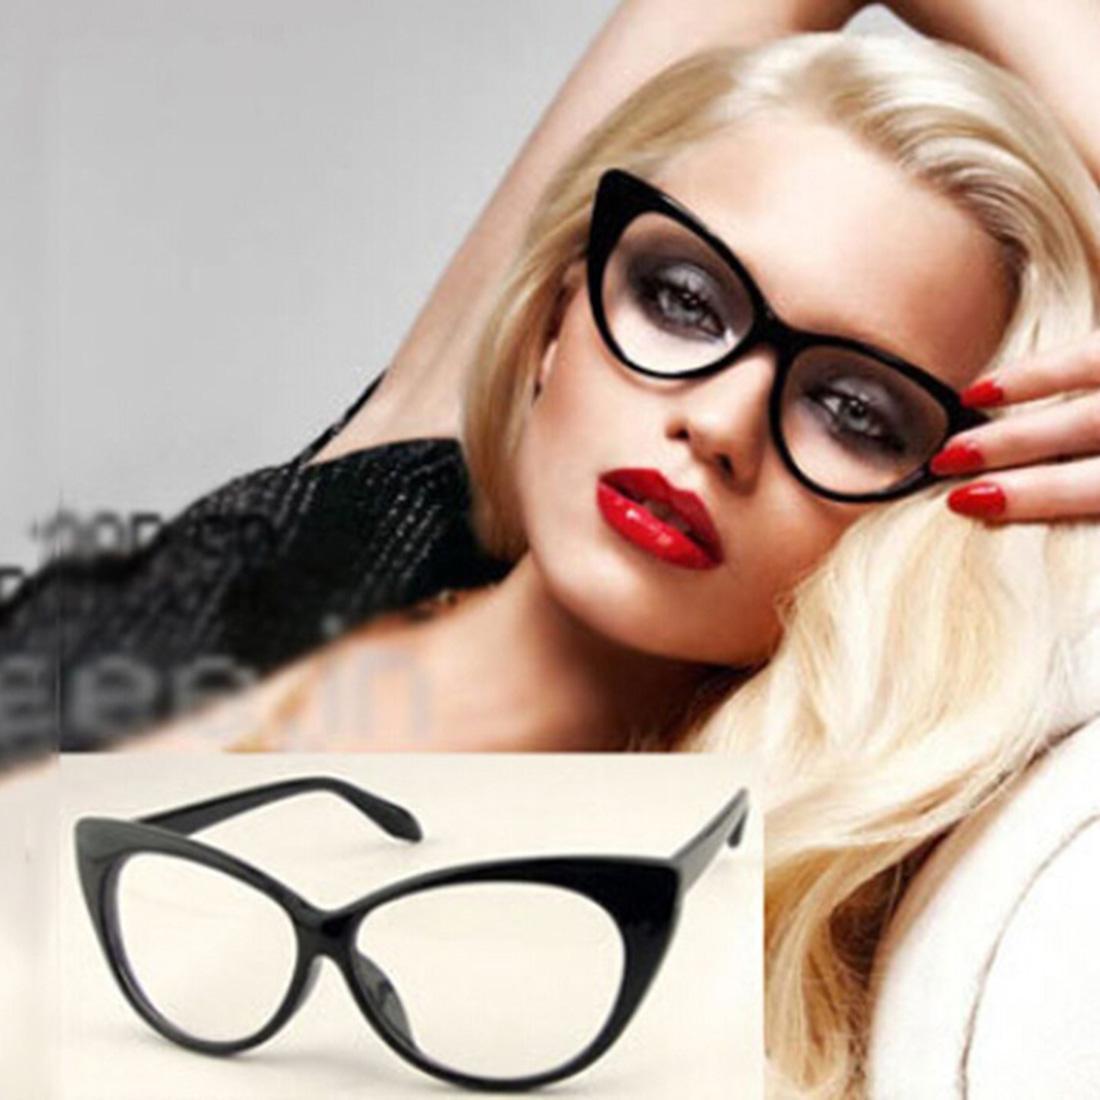 0e5089982cd 2019 Vintage Modern EleCat Eyes Shape Glasses Frame For Ladies Acetate  Optical Frames Retro Plastic Plain Glasses From Kuchairly